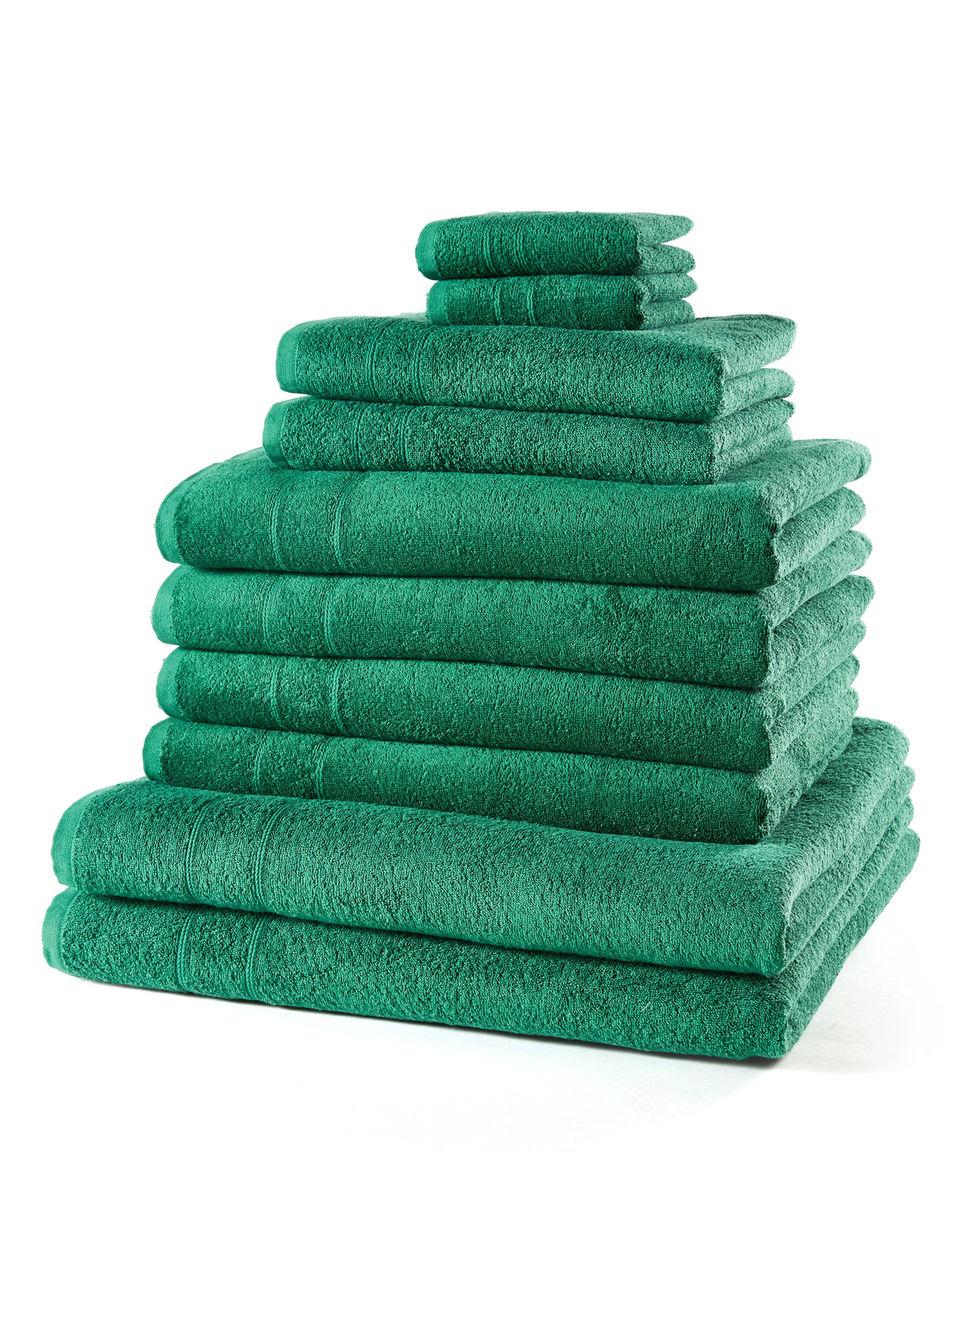 Купить Полотенца «Однотонная новинка» (10 шт.), bonprix, зеленый